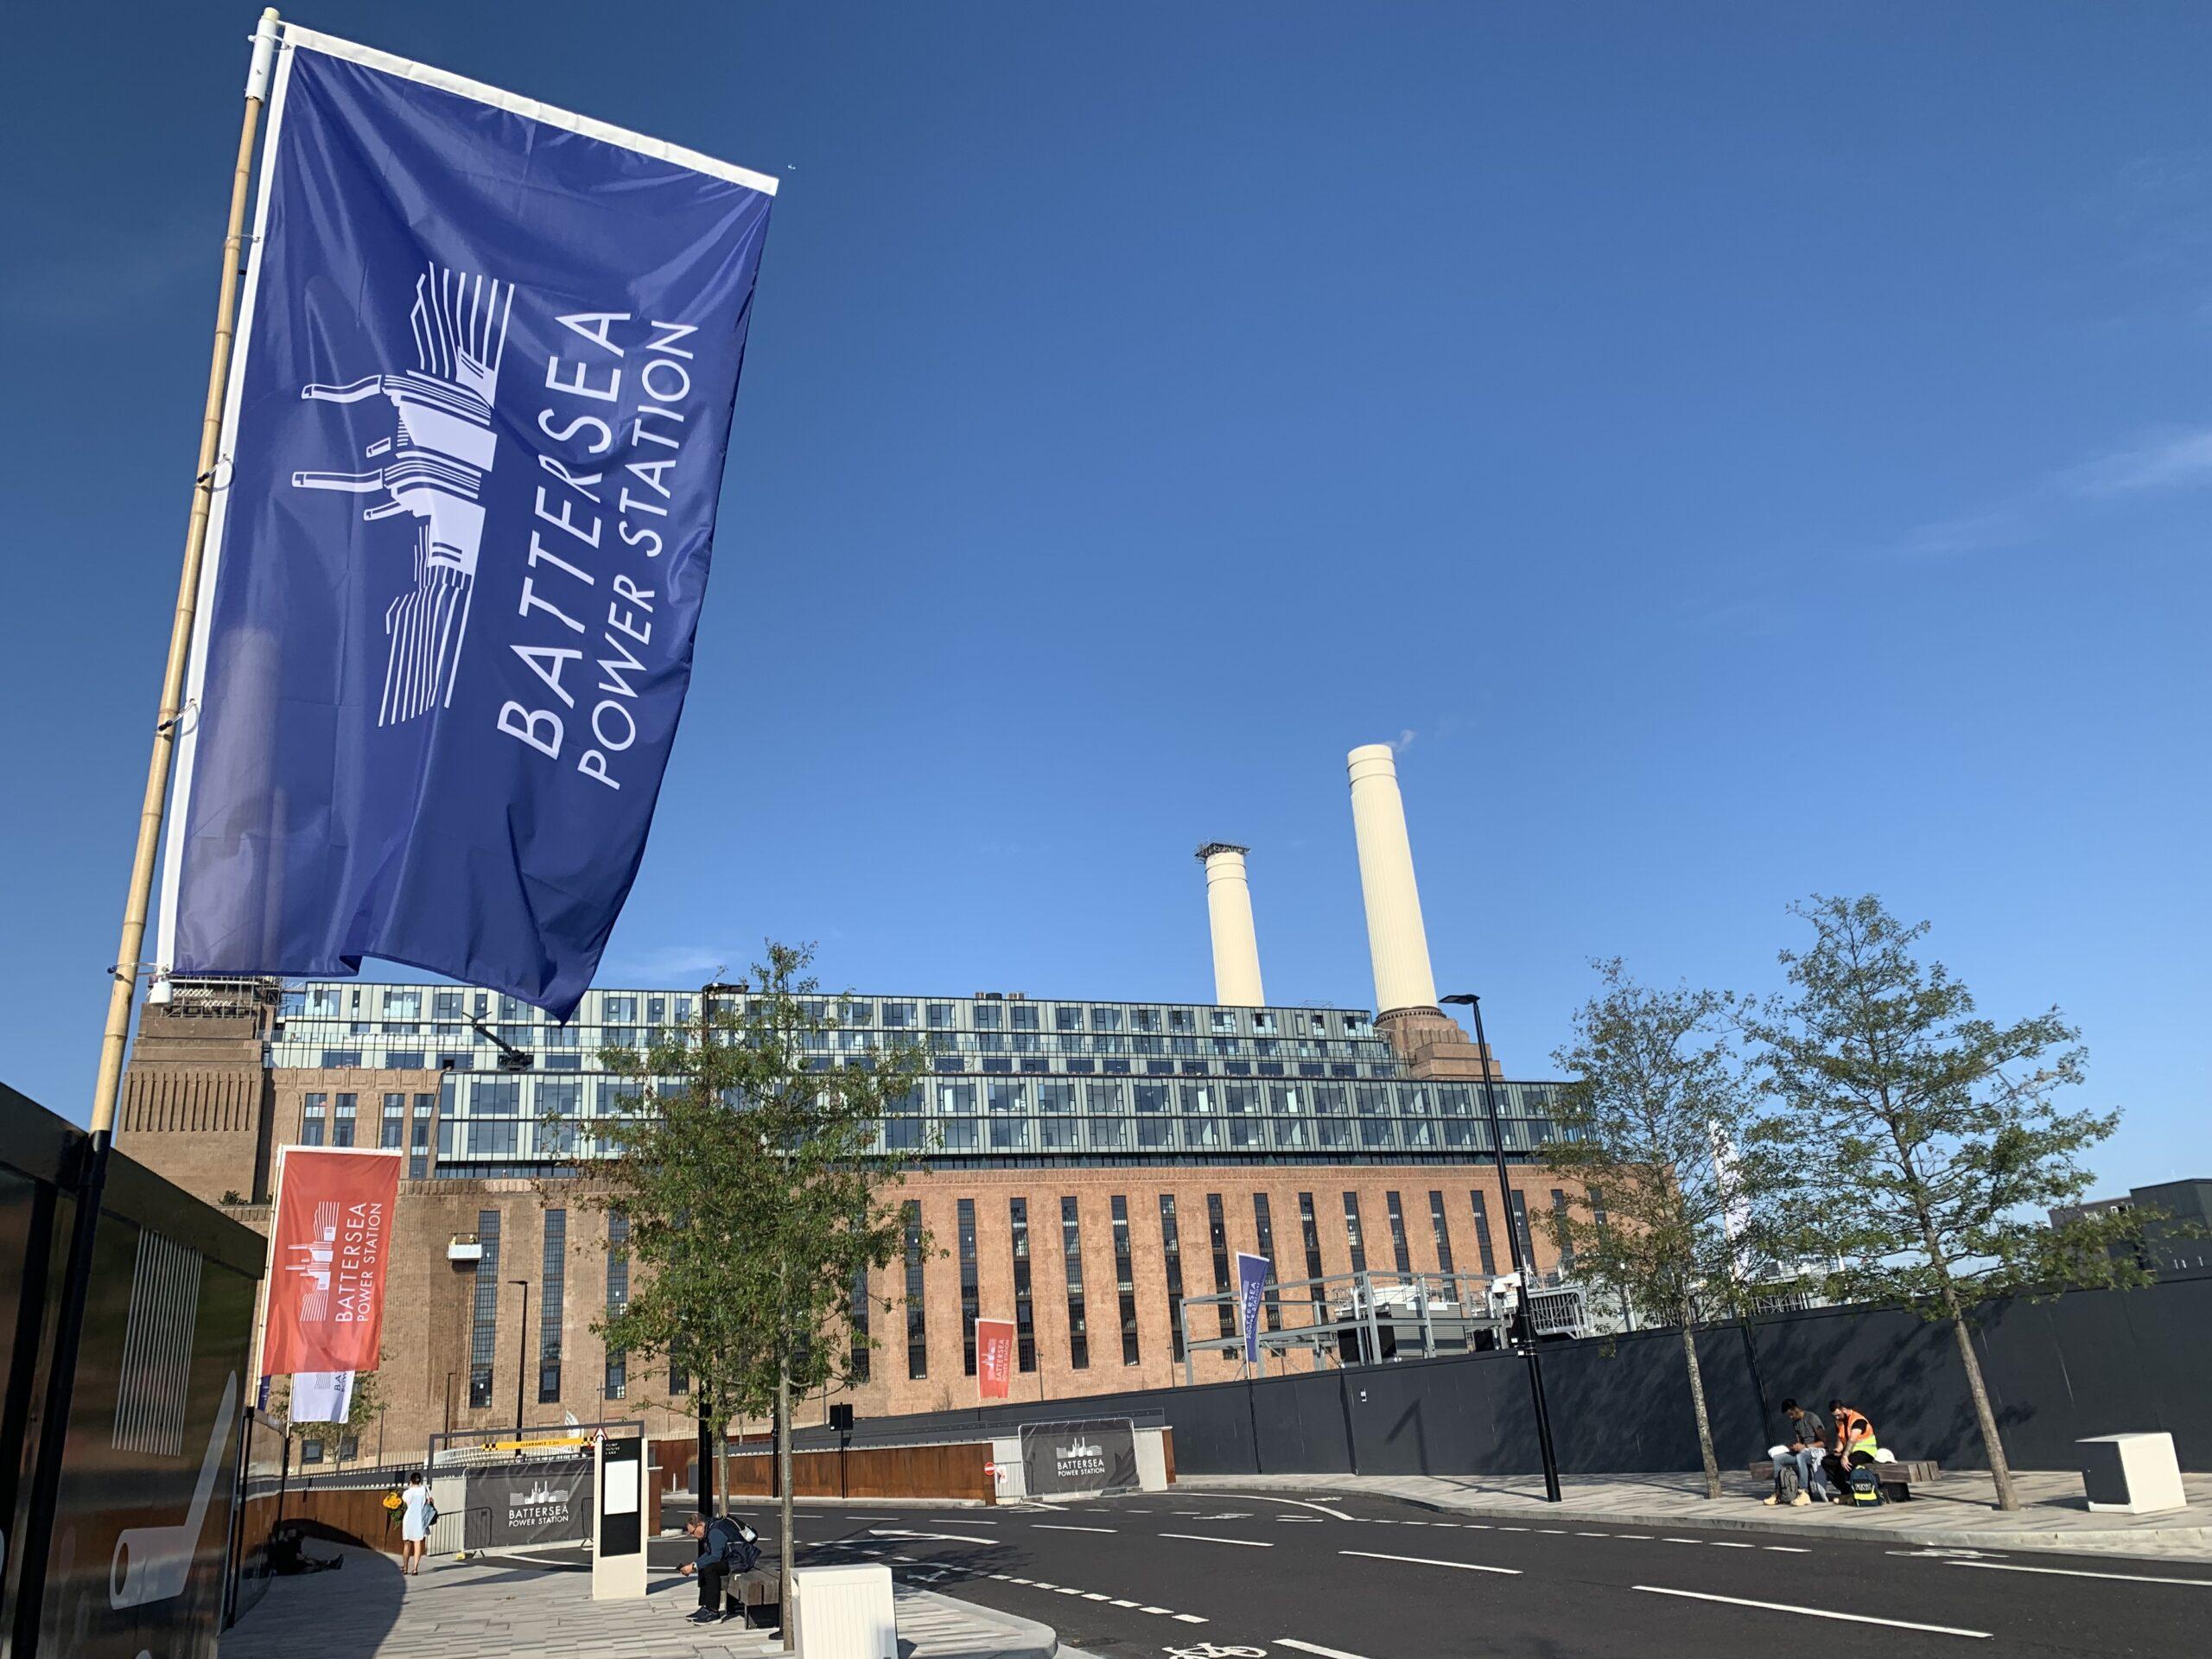 Battersea Power Station eksteriørbilde.Foto